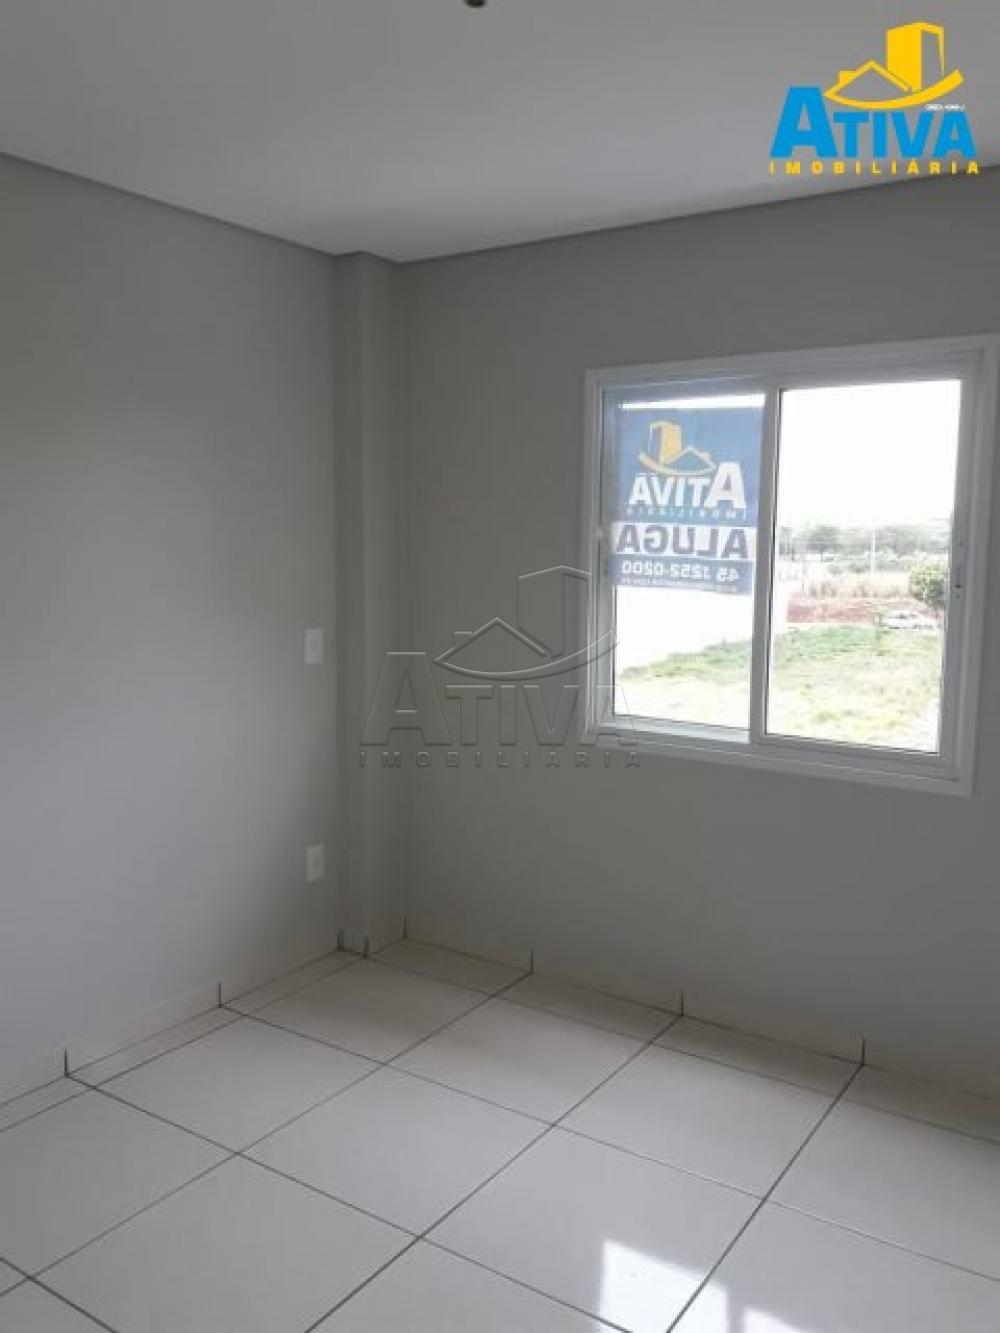 Comprar Apartamento / Padrão em Toledo apenas R$ 160.000,00 - Foto 5